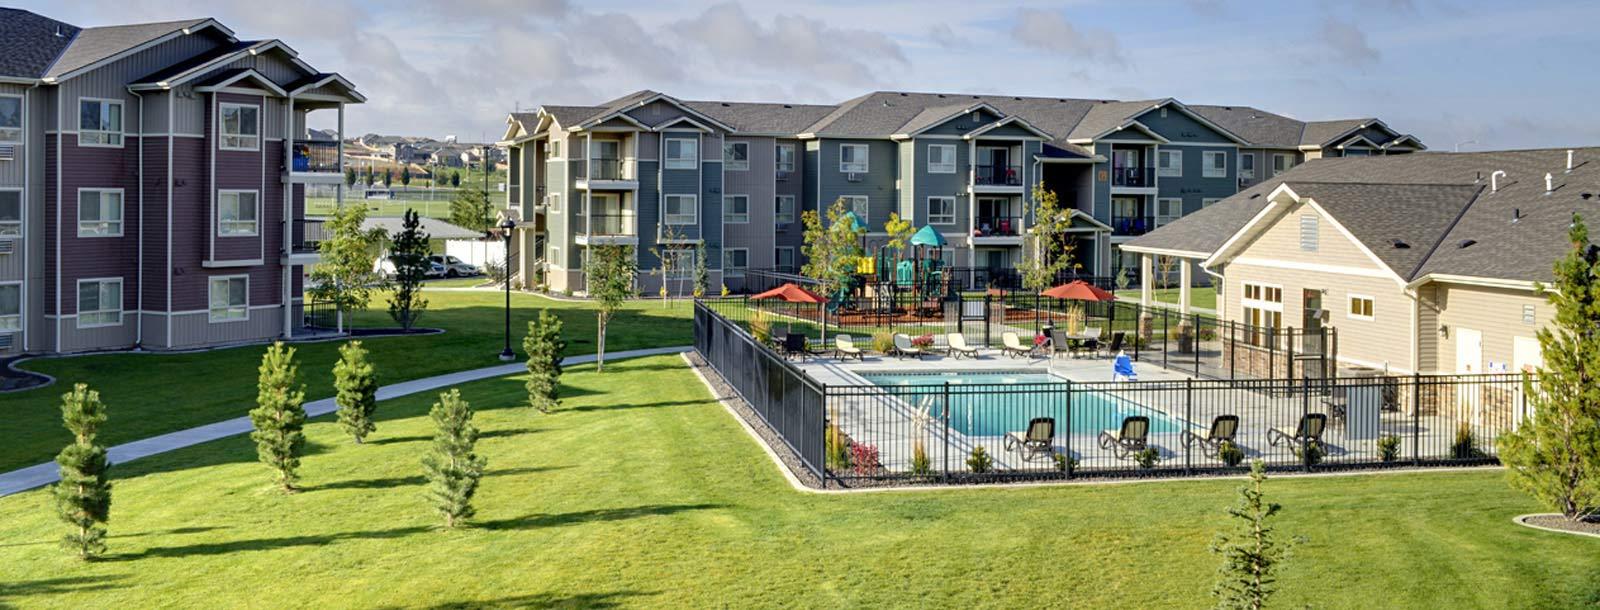 Home Design Olympia Wa Part - 44: Copper Trail Apartments   Apartments In Olympia, WA